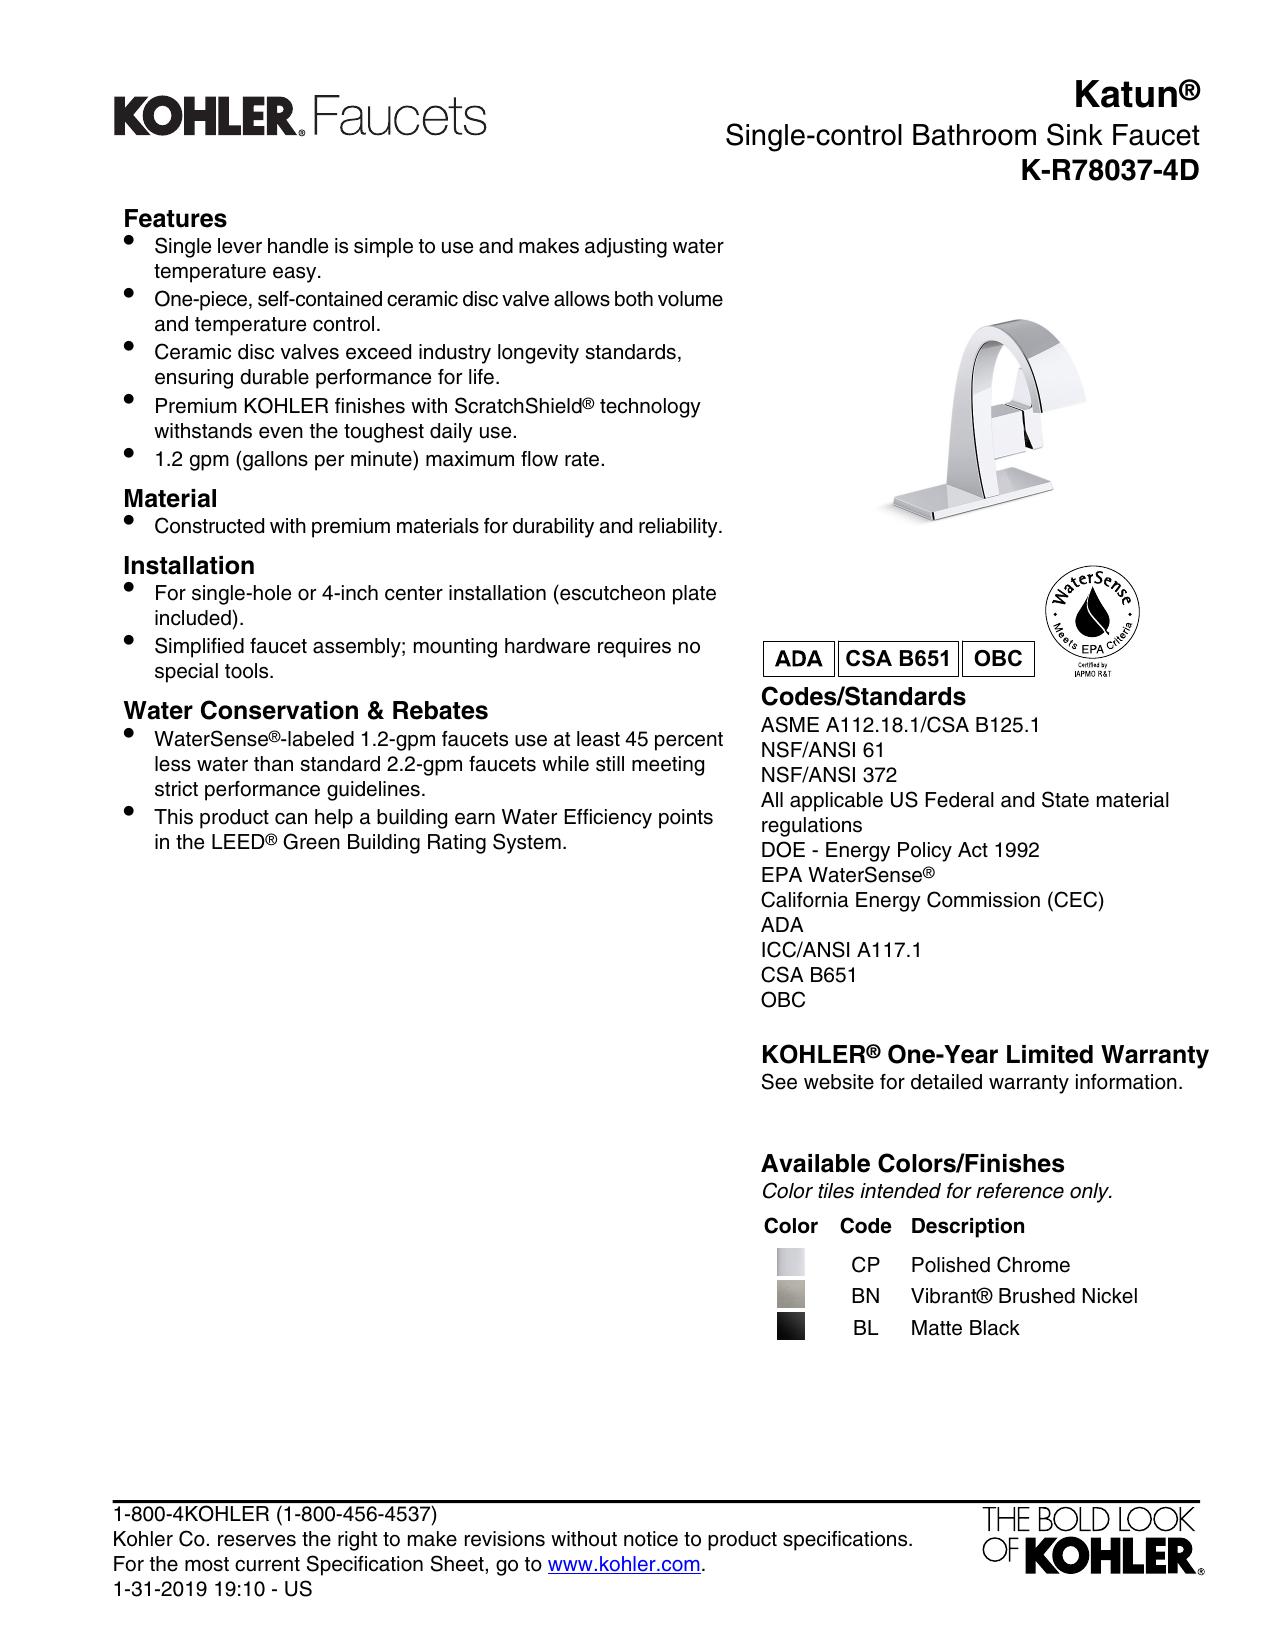 kohler k r78037 4d bn specification